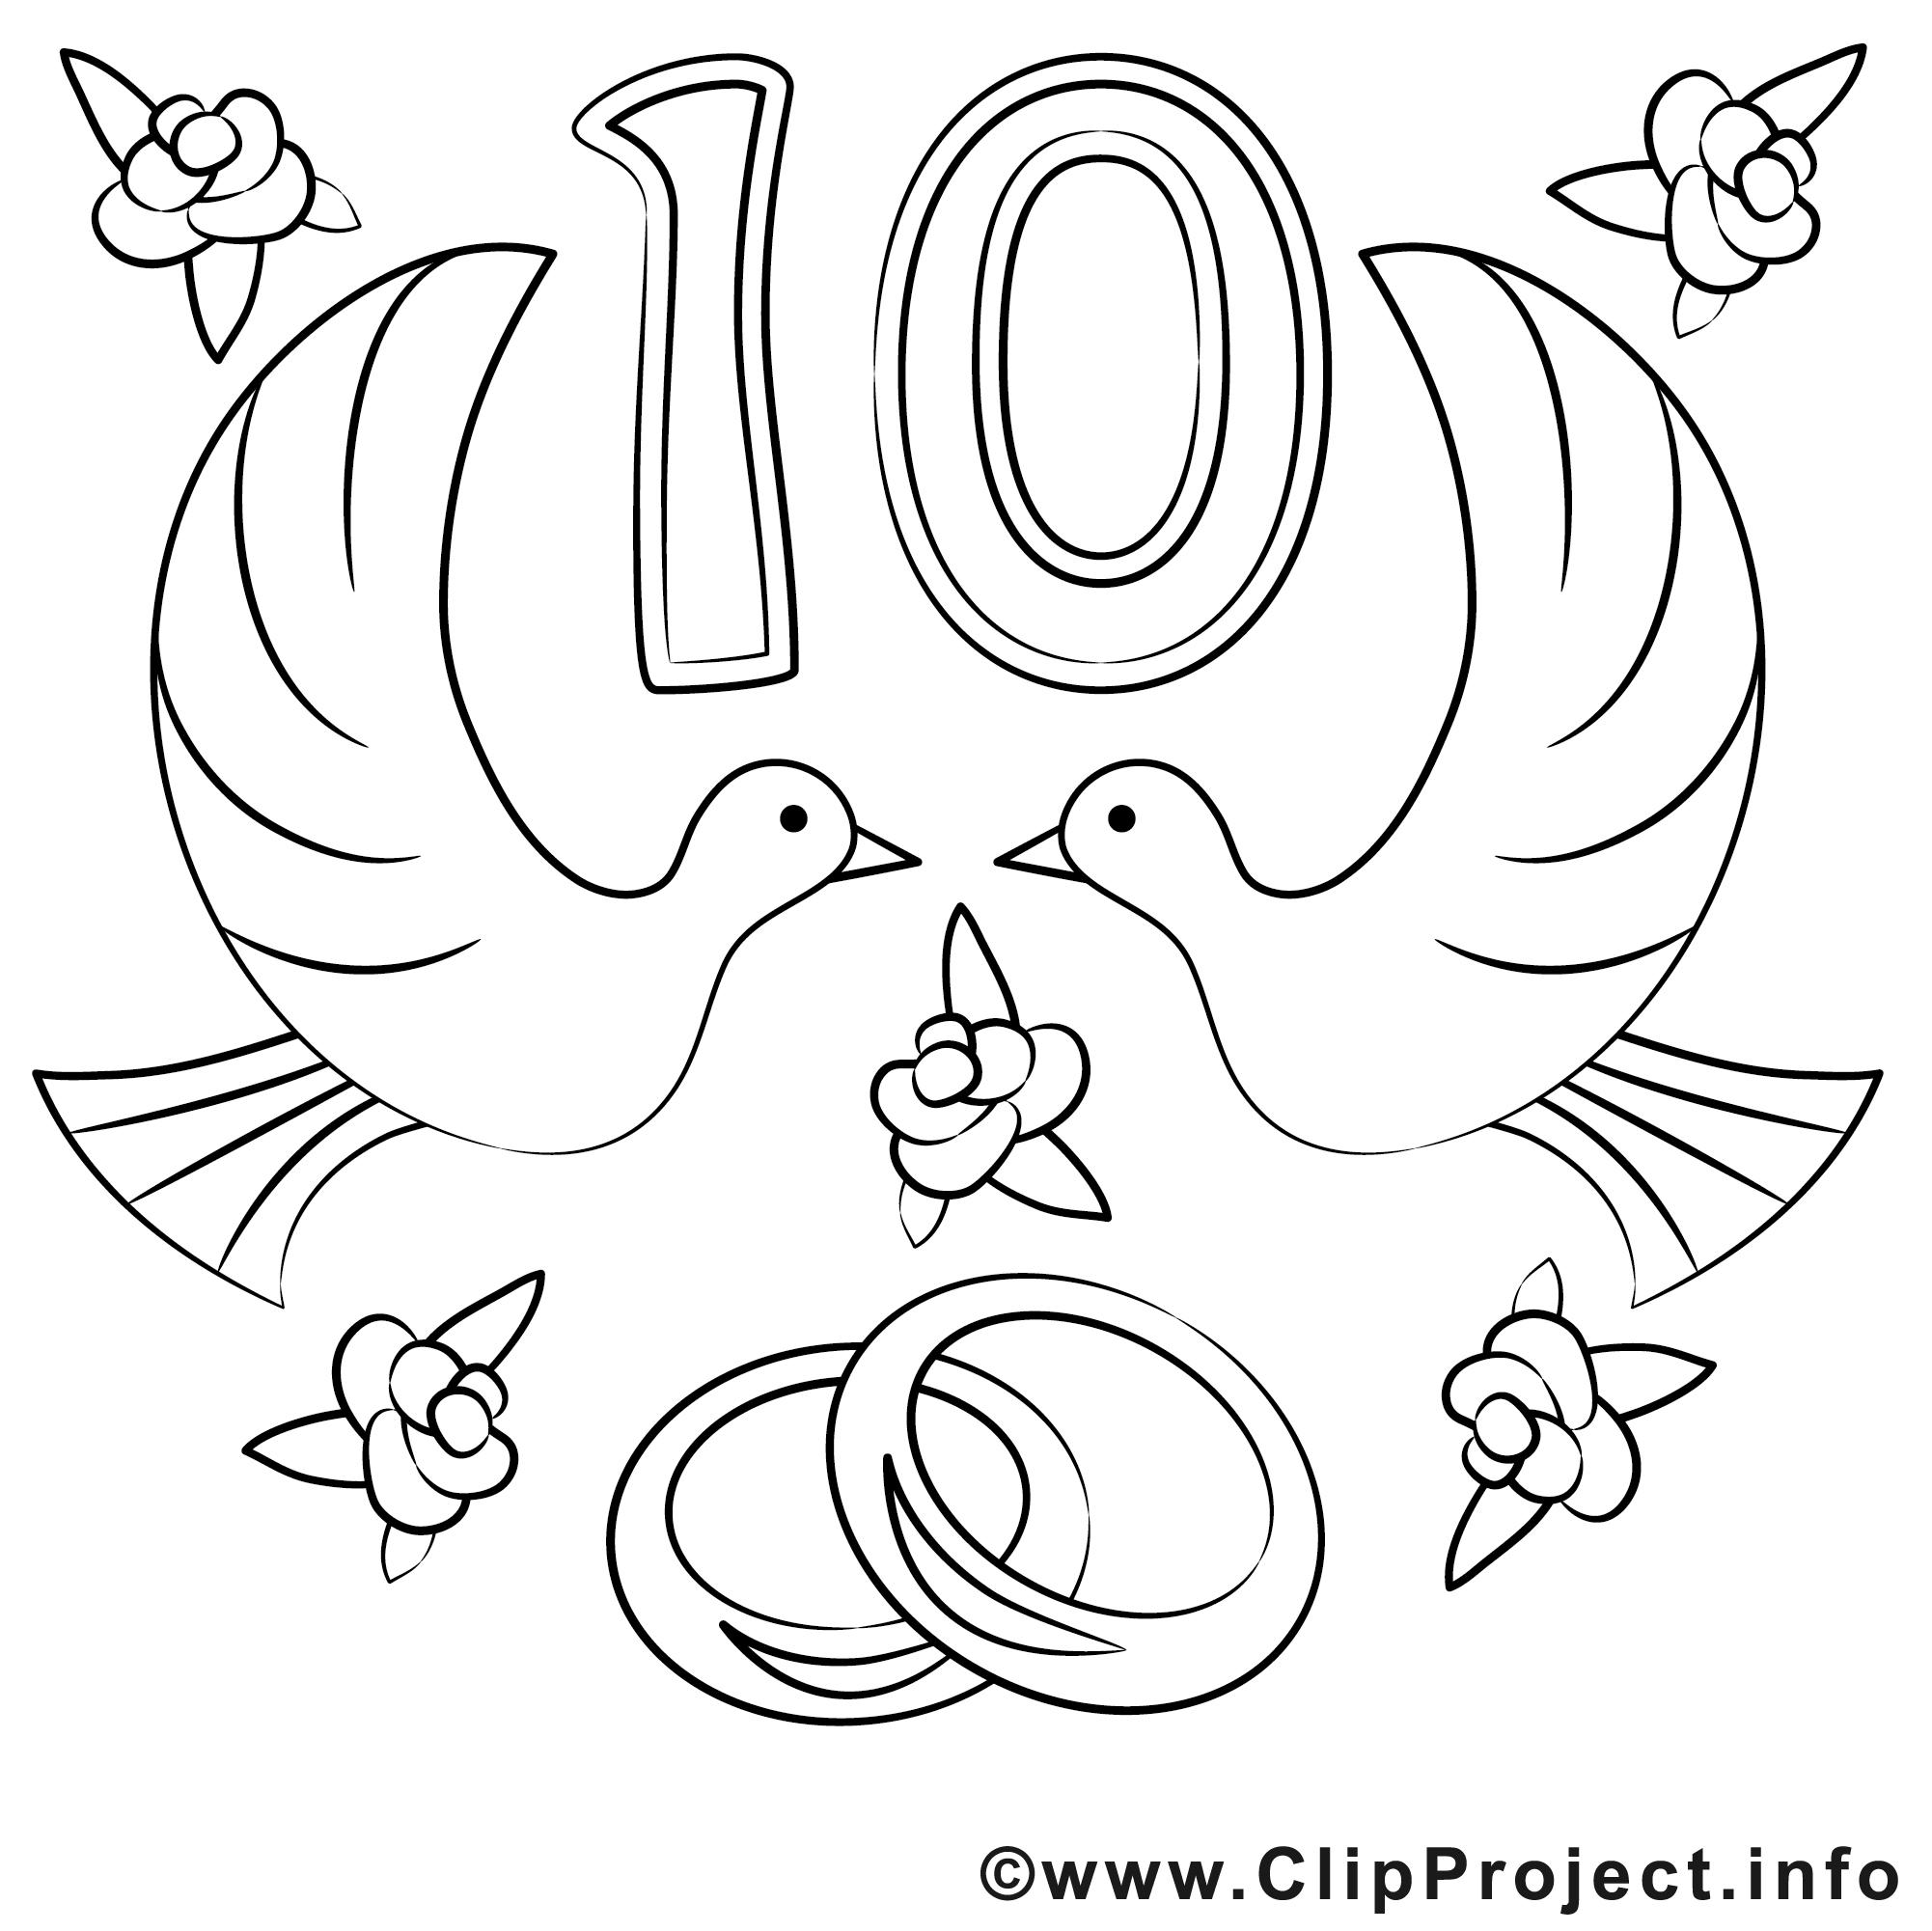 10 ans image coloriage mariage illustration mariage coloriages dessin picture image - Dessin anniversaire de mariage ...